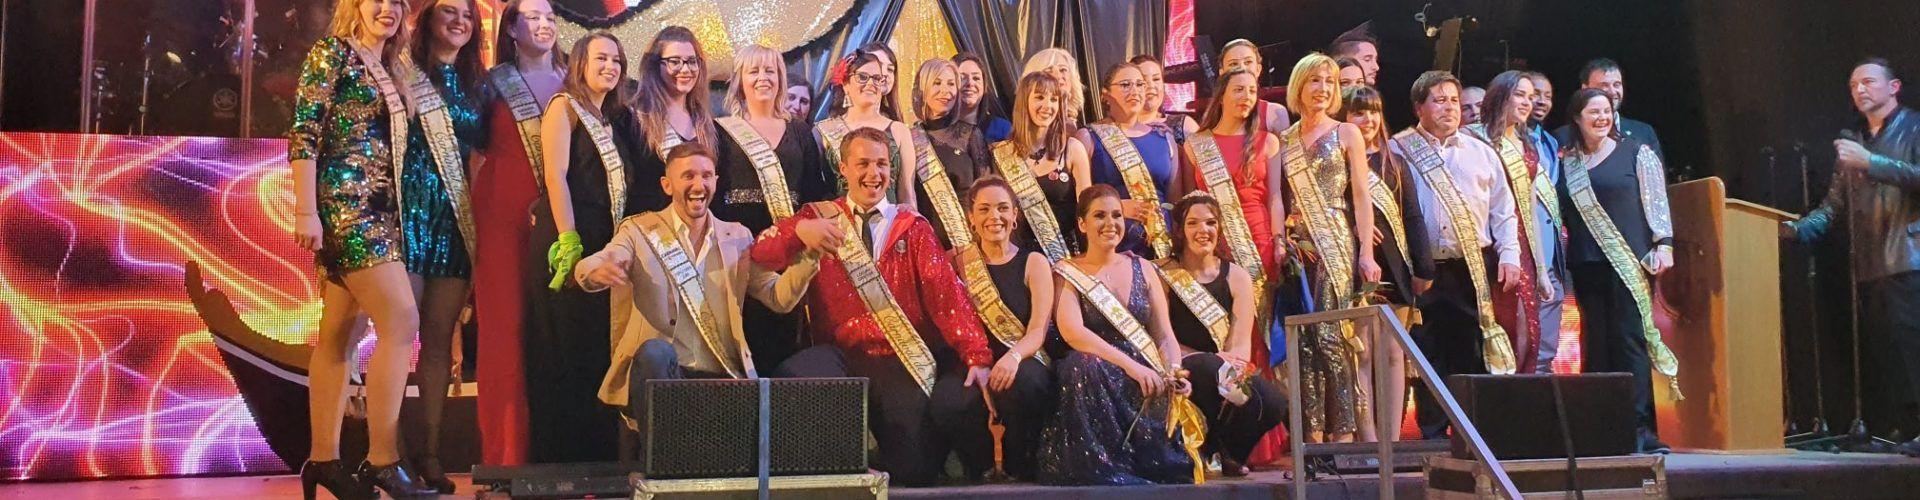 La imposició de bandes a reis i reines del Carnaval de Vinaròs, foto a foto